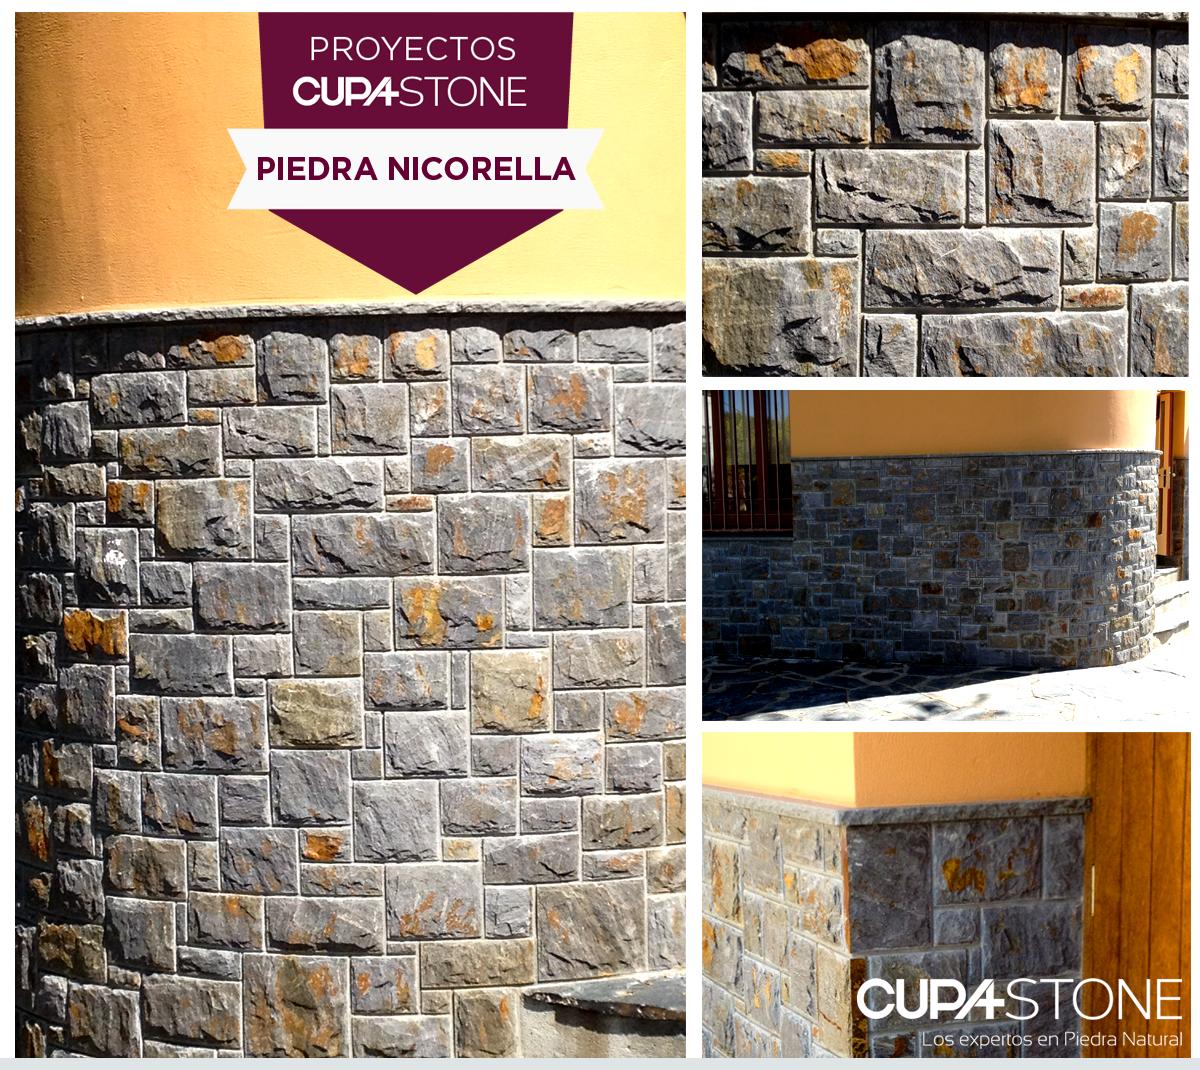 Piedra nicorella cupa stone para una casa familiar en vilalba sasserra barcelona gracias a - Piedra para fachada exterior ...